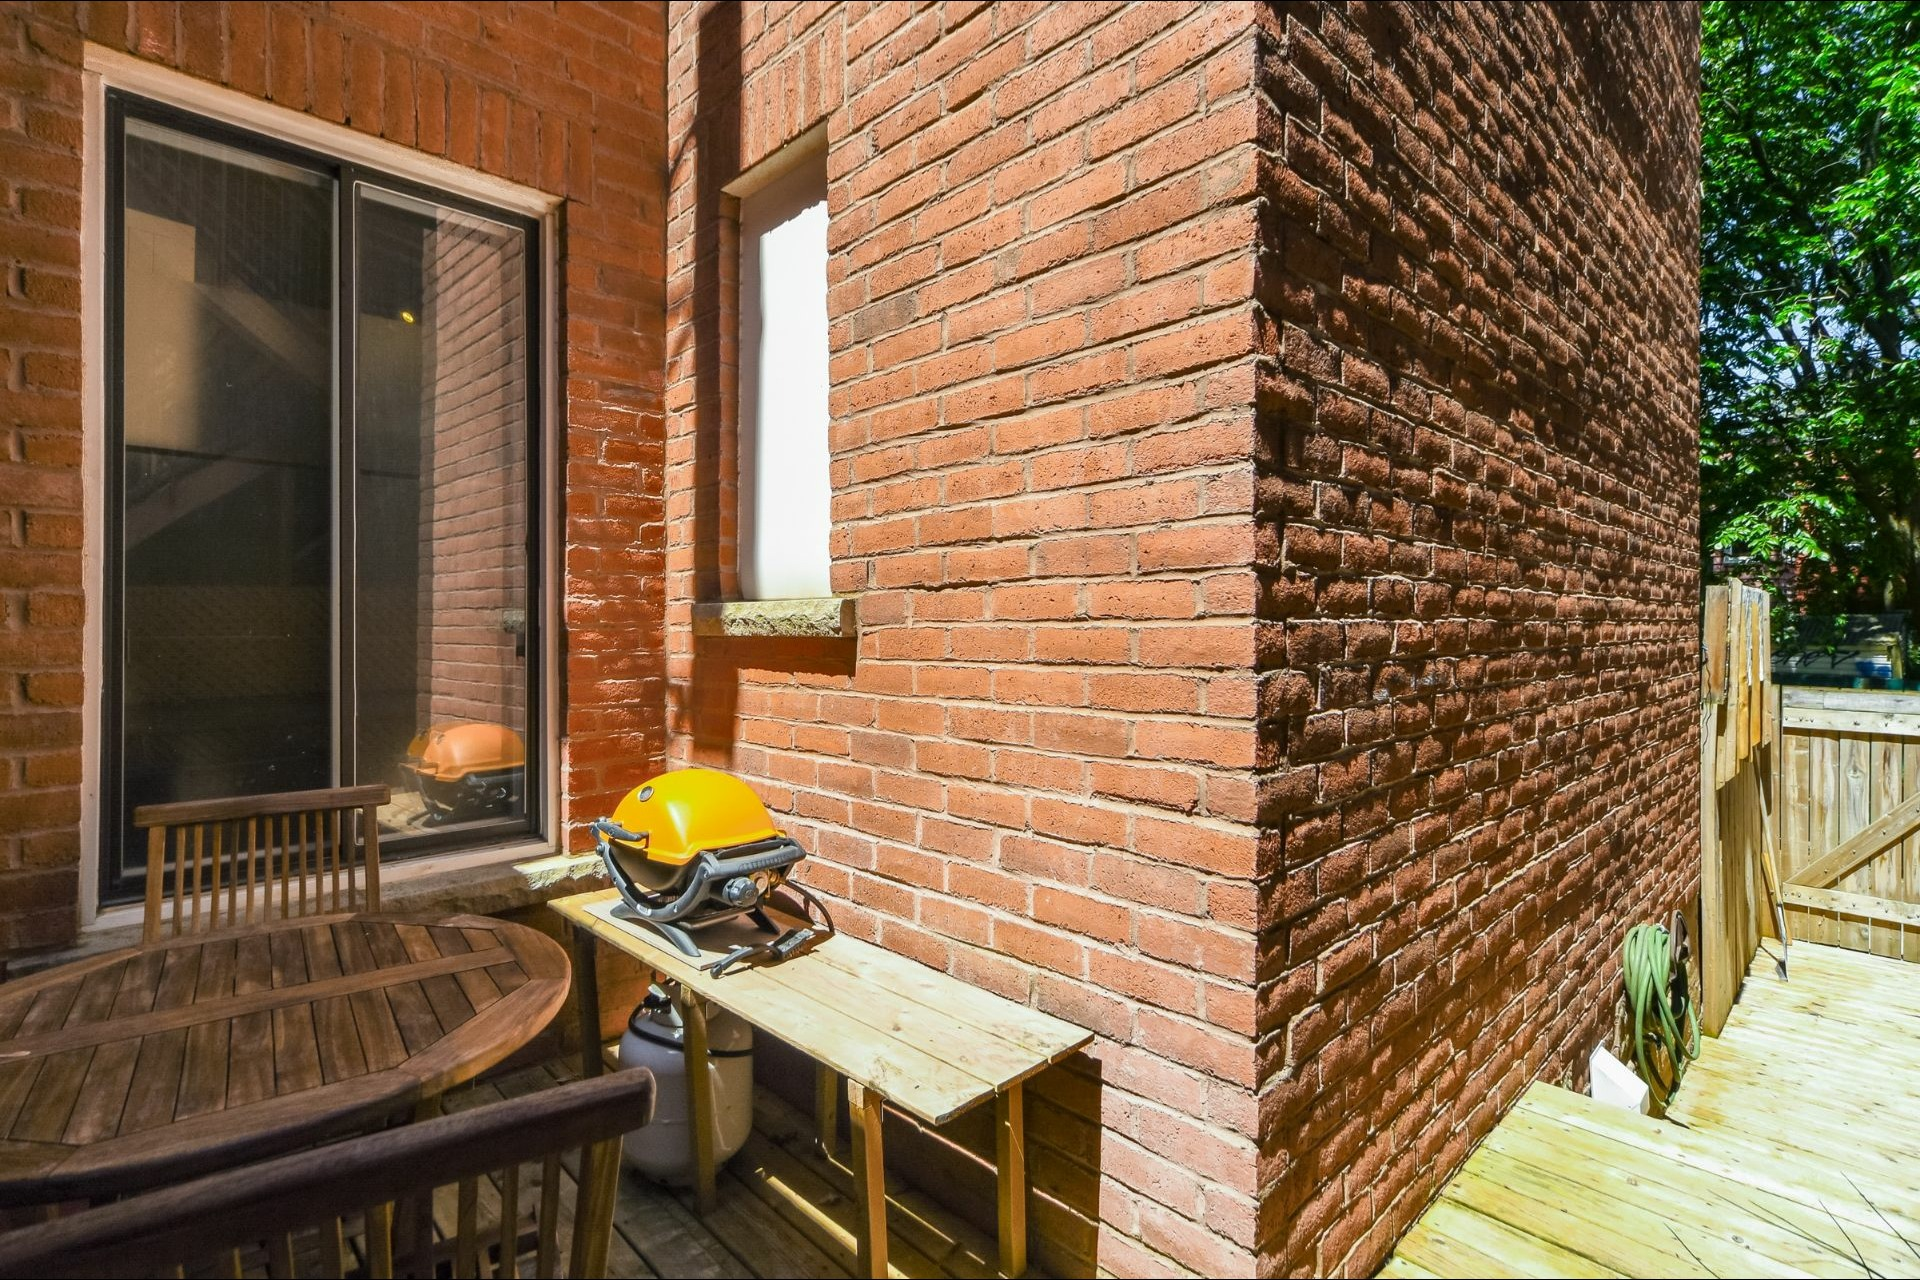 image 22 - Appartement À vendre Le Plateau-Mont-Royal Montréal  - 5 pièces